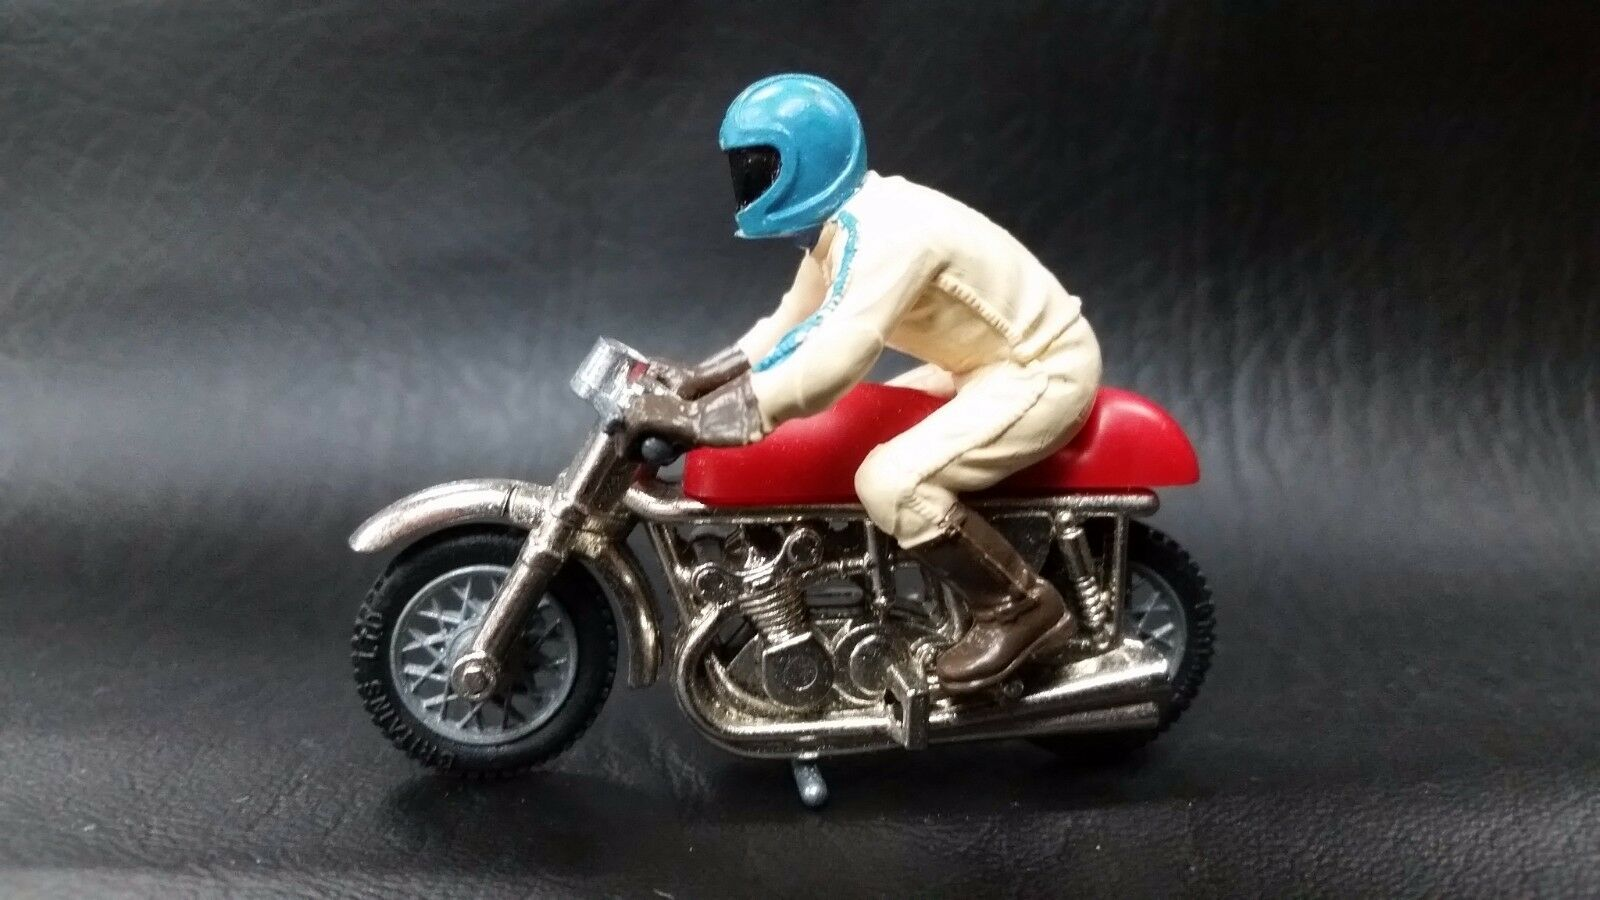 venta con descuento Vintage Moto Britains Britains Britains Juguete Norton Cafe Racer  Compra calidad 100% autentica